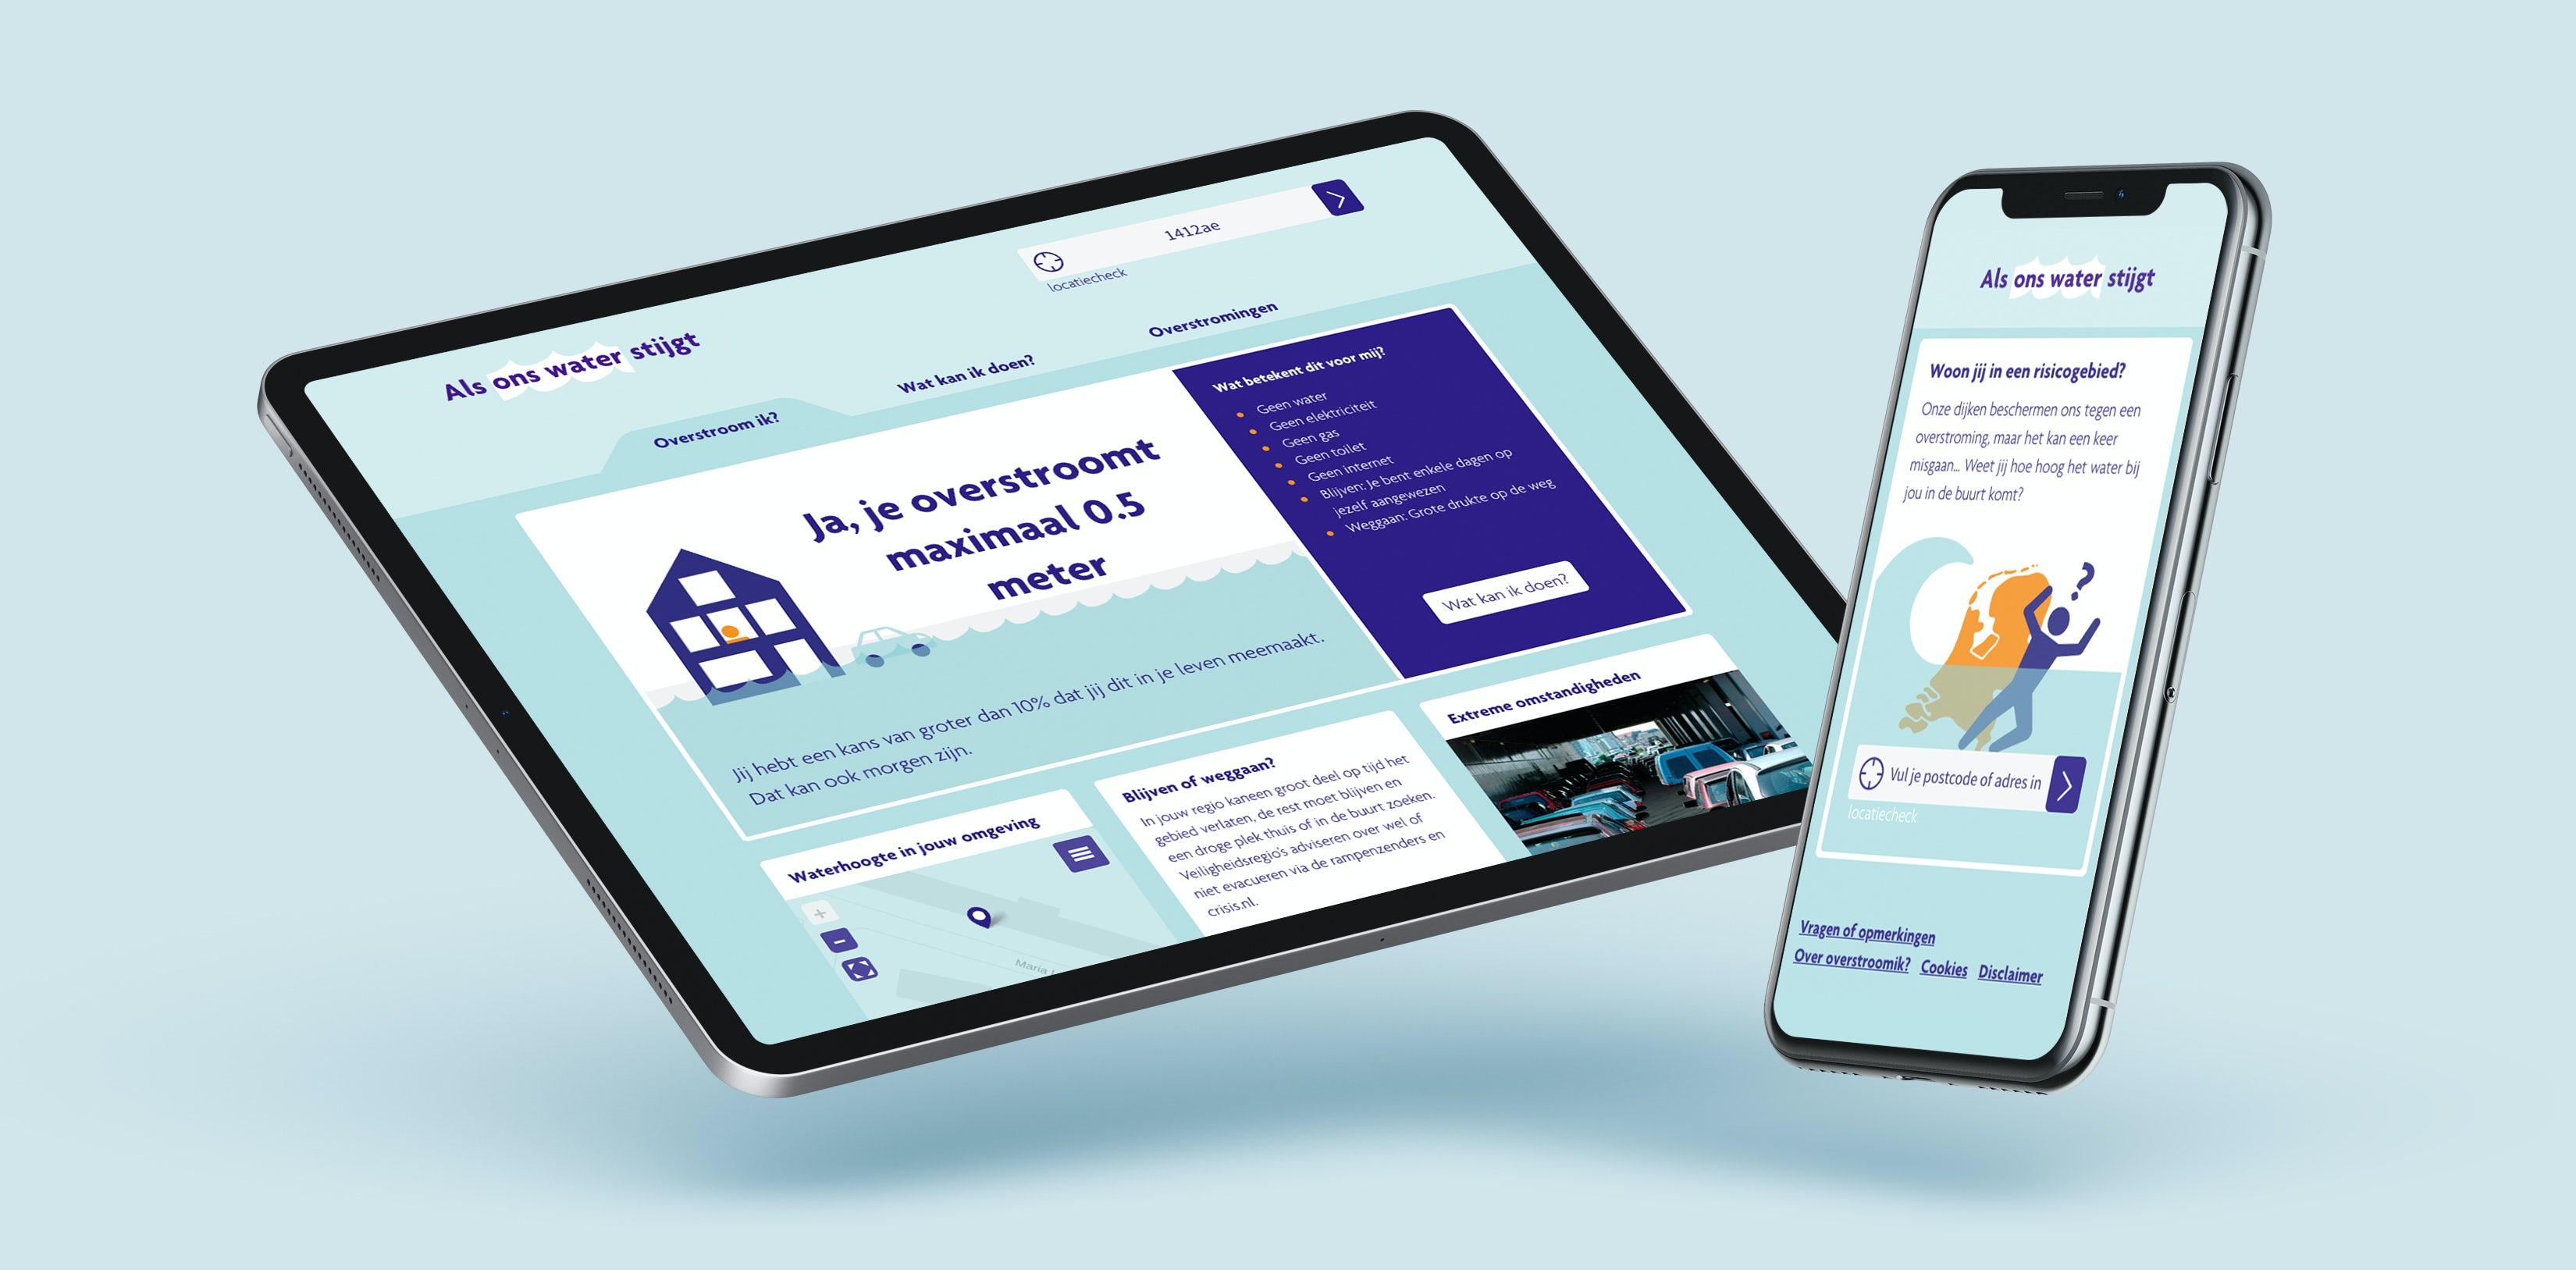 Een tablet en een smartphone met de website Overstroom Ik?